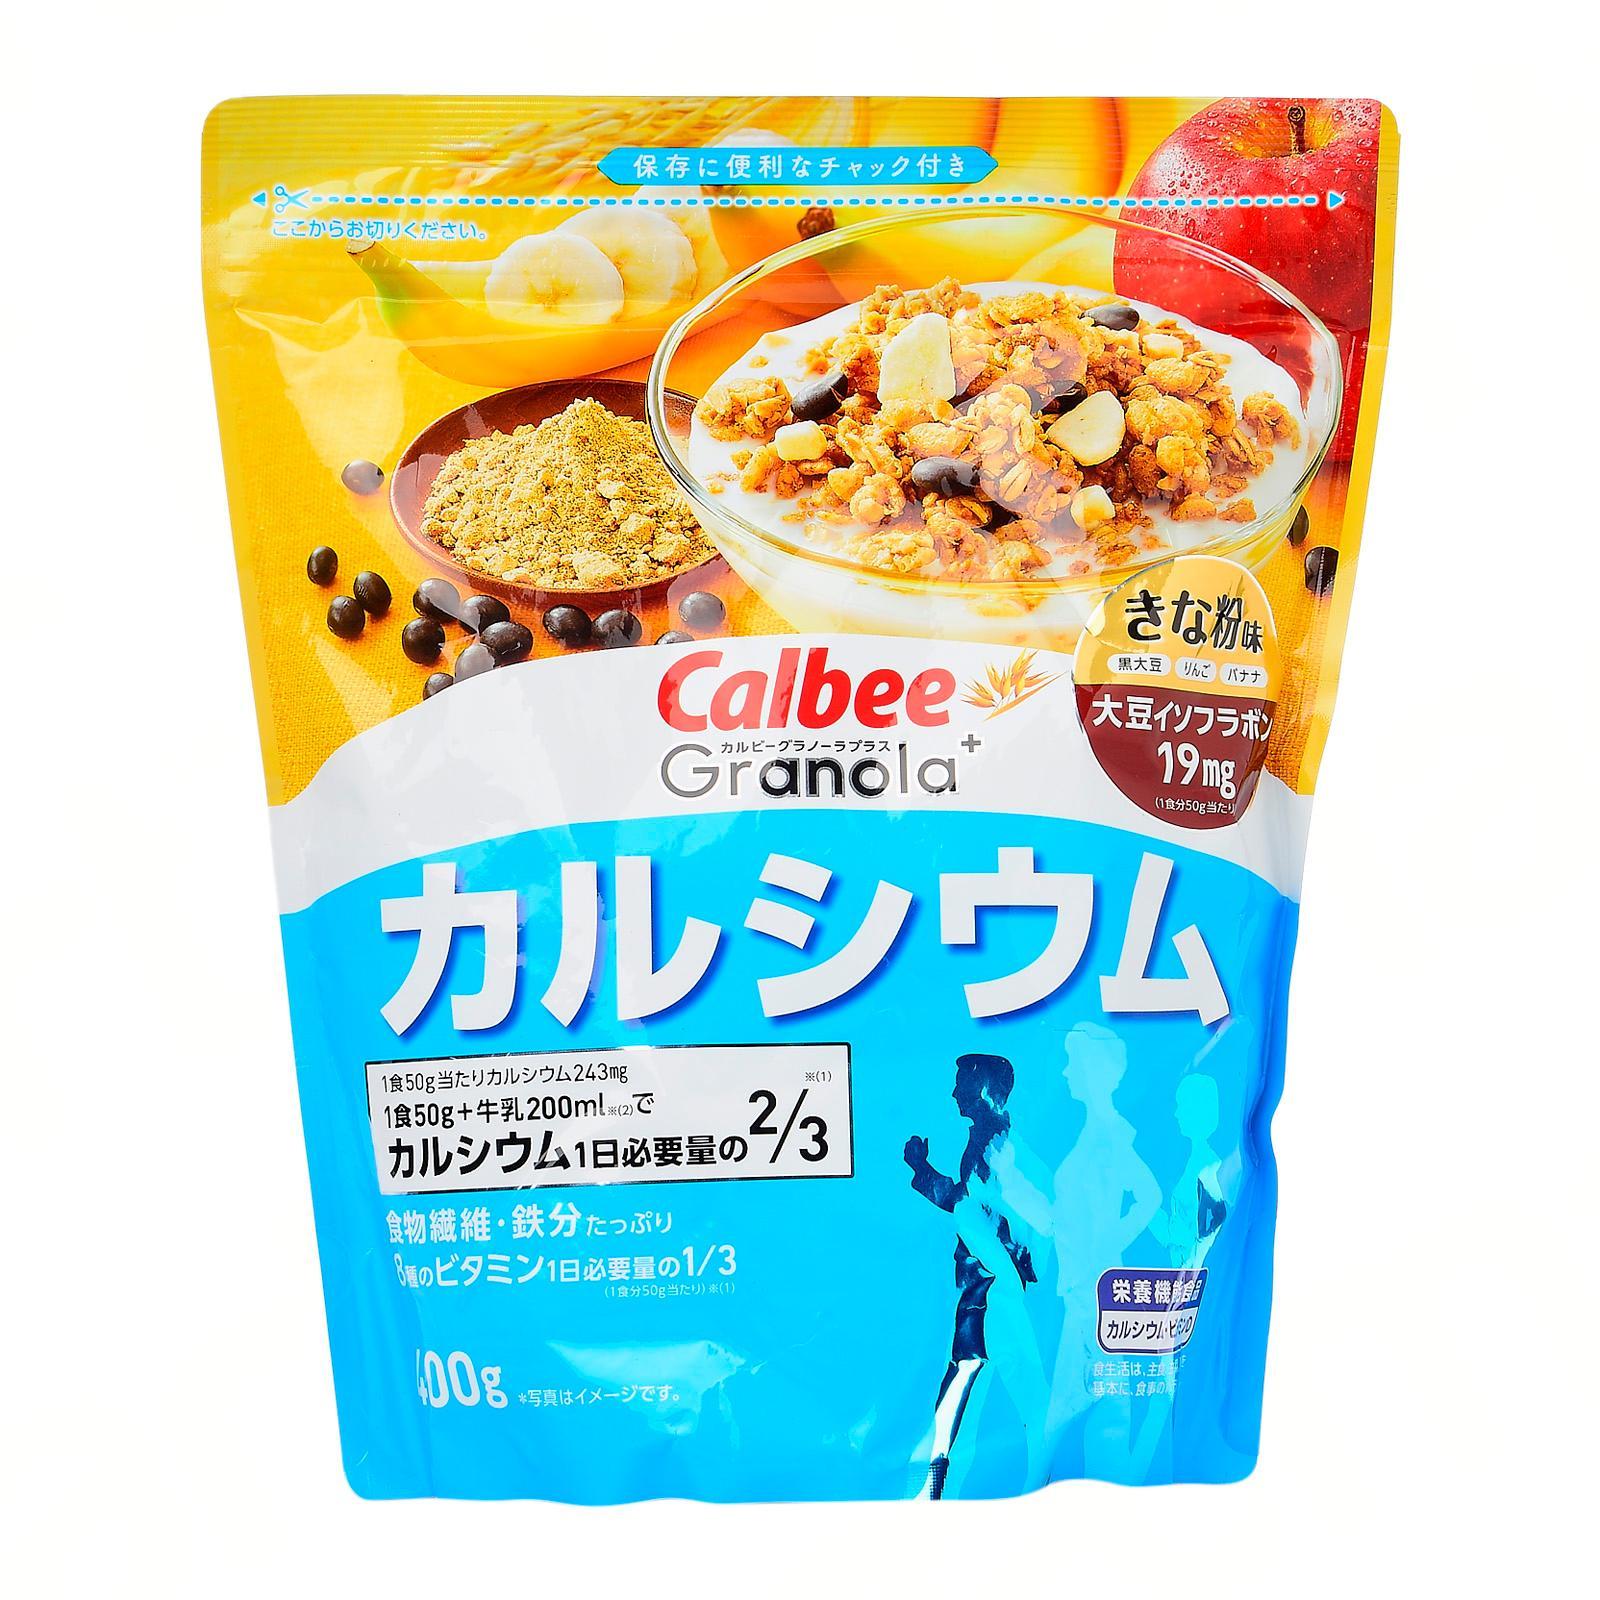 Calbee Plus Calcium Granola